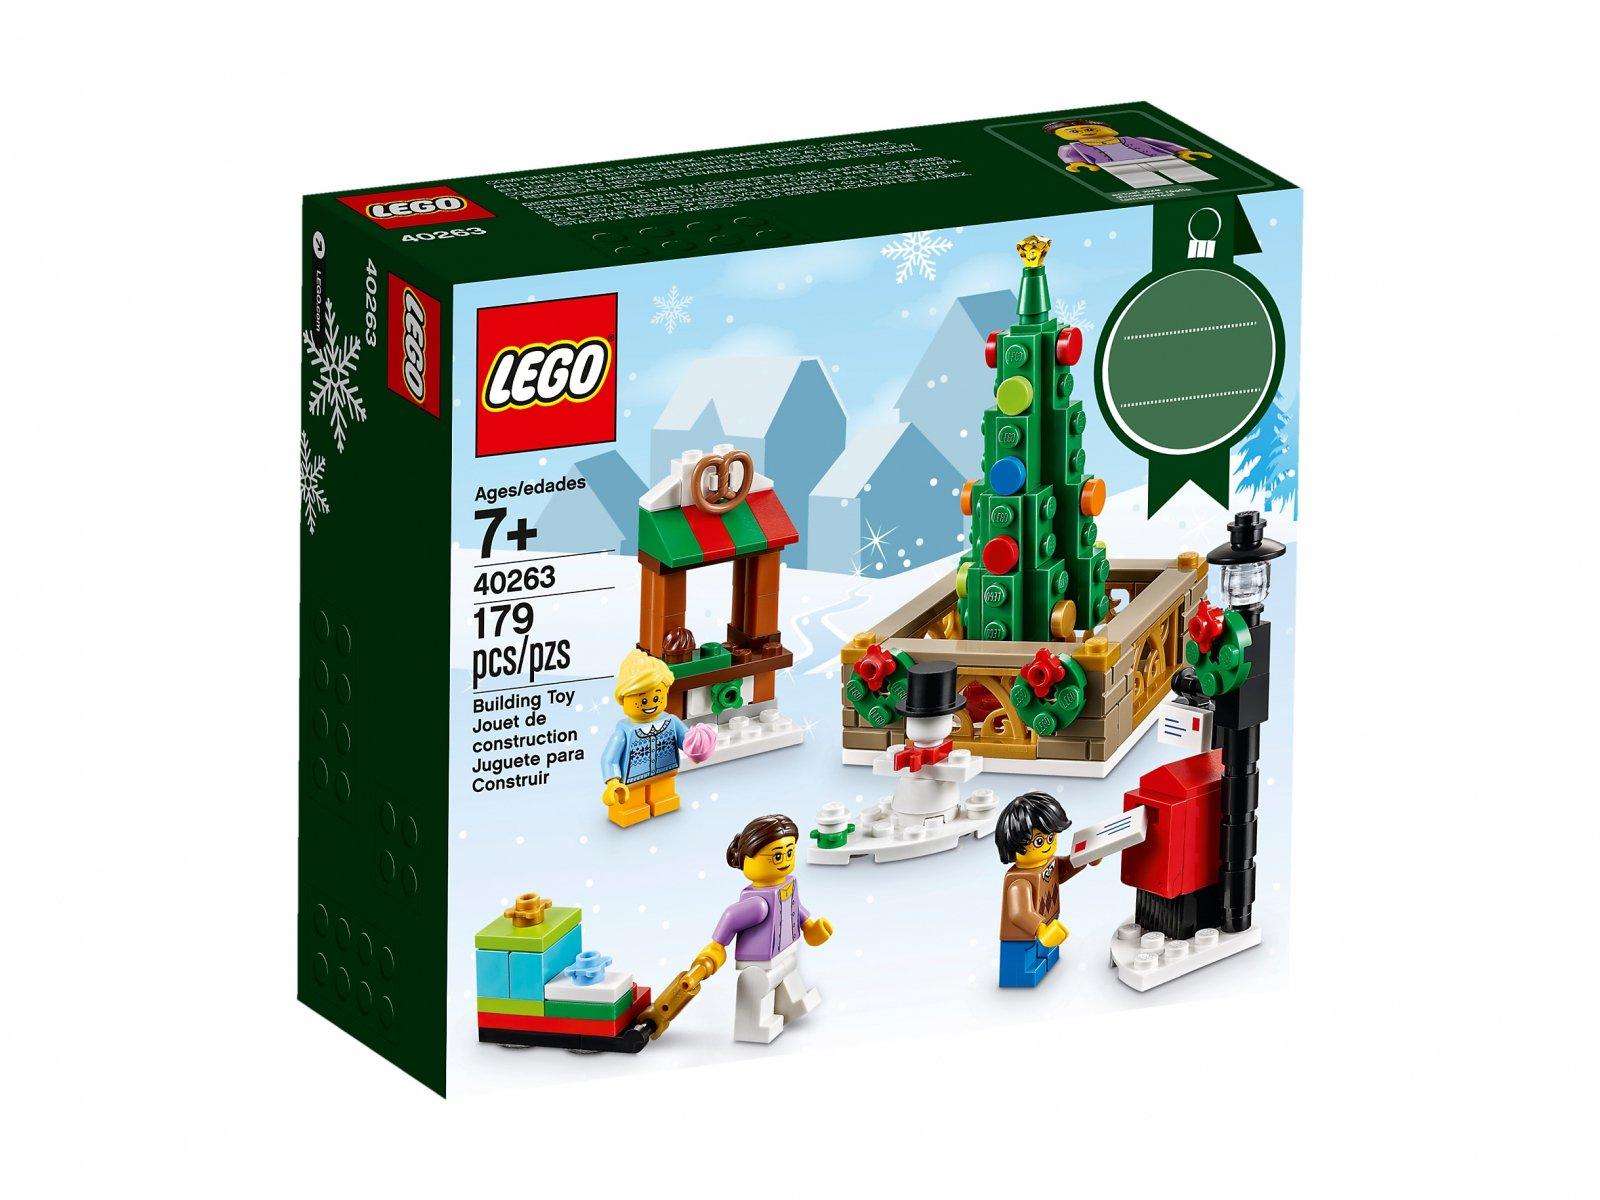 Lego 40263 świąteczny Rynek Porównaj Ceny Zklockówpl